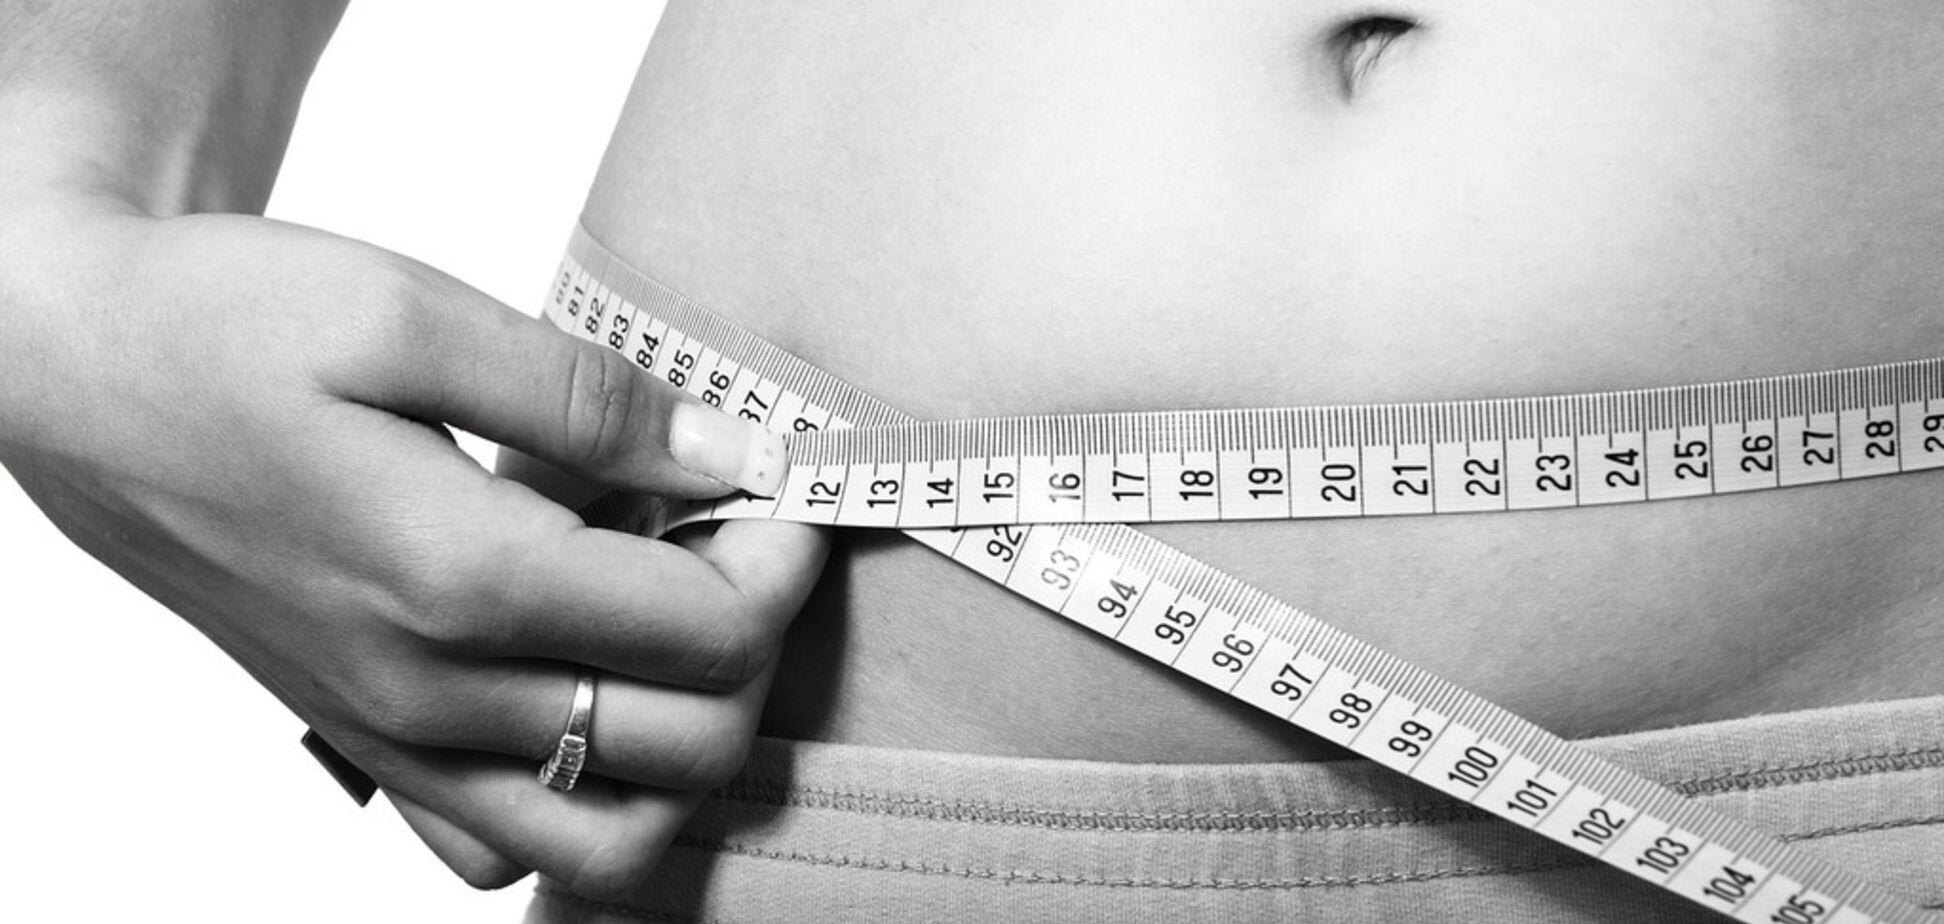 Дієтолог назвала 5 простих кроків для схуднення без дієт